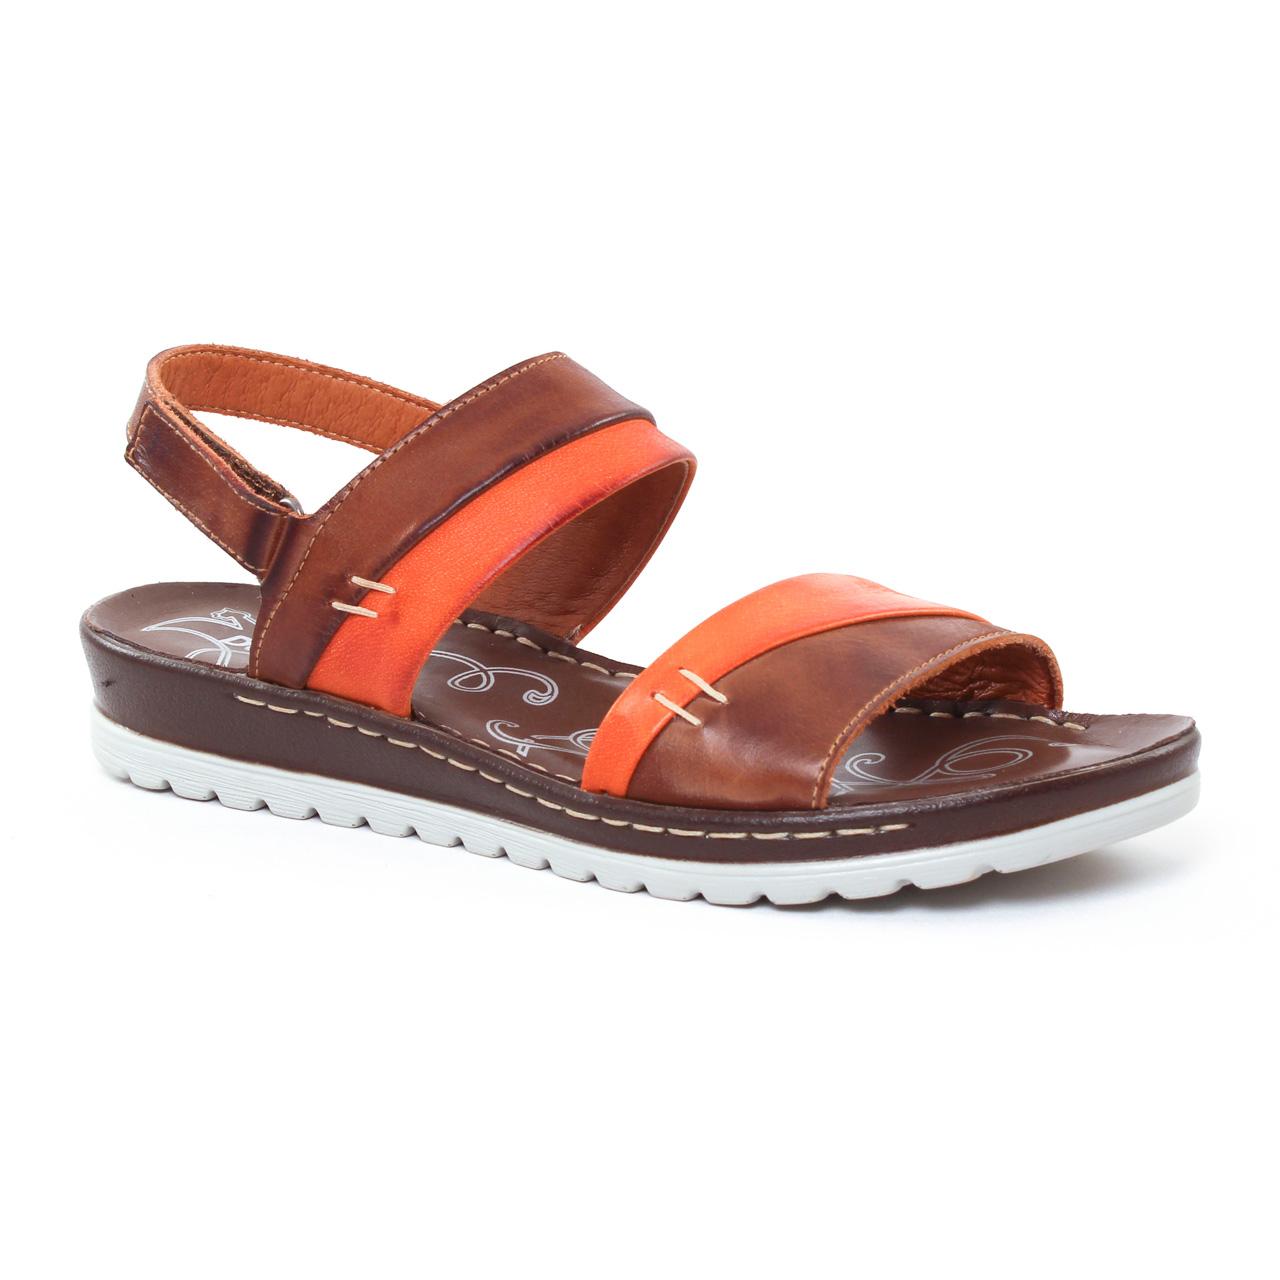 04119564353852 chaussures confort marque espagnole,vidya sandales talon compensee  confortable et stable chaussures